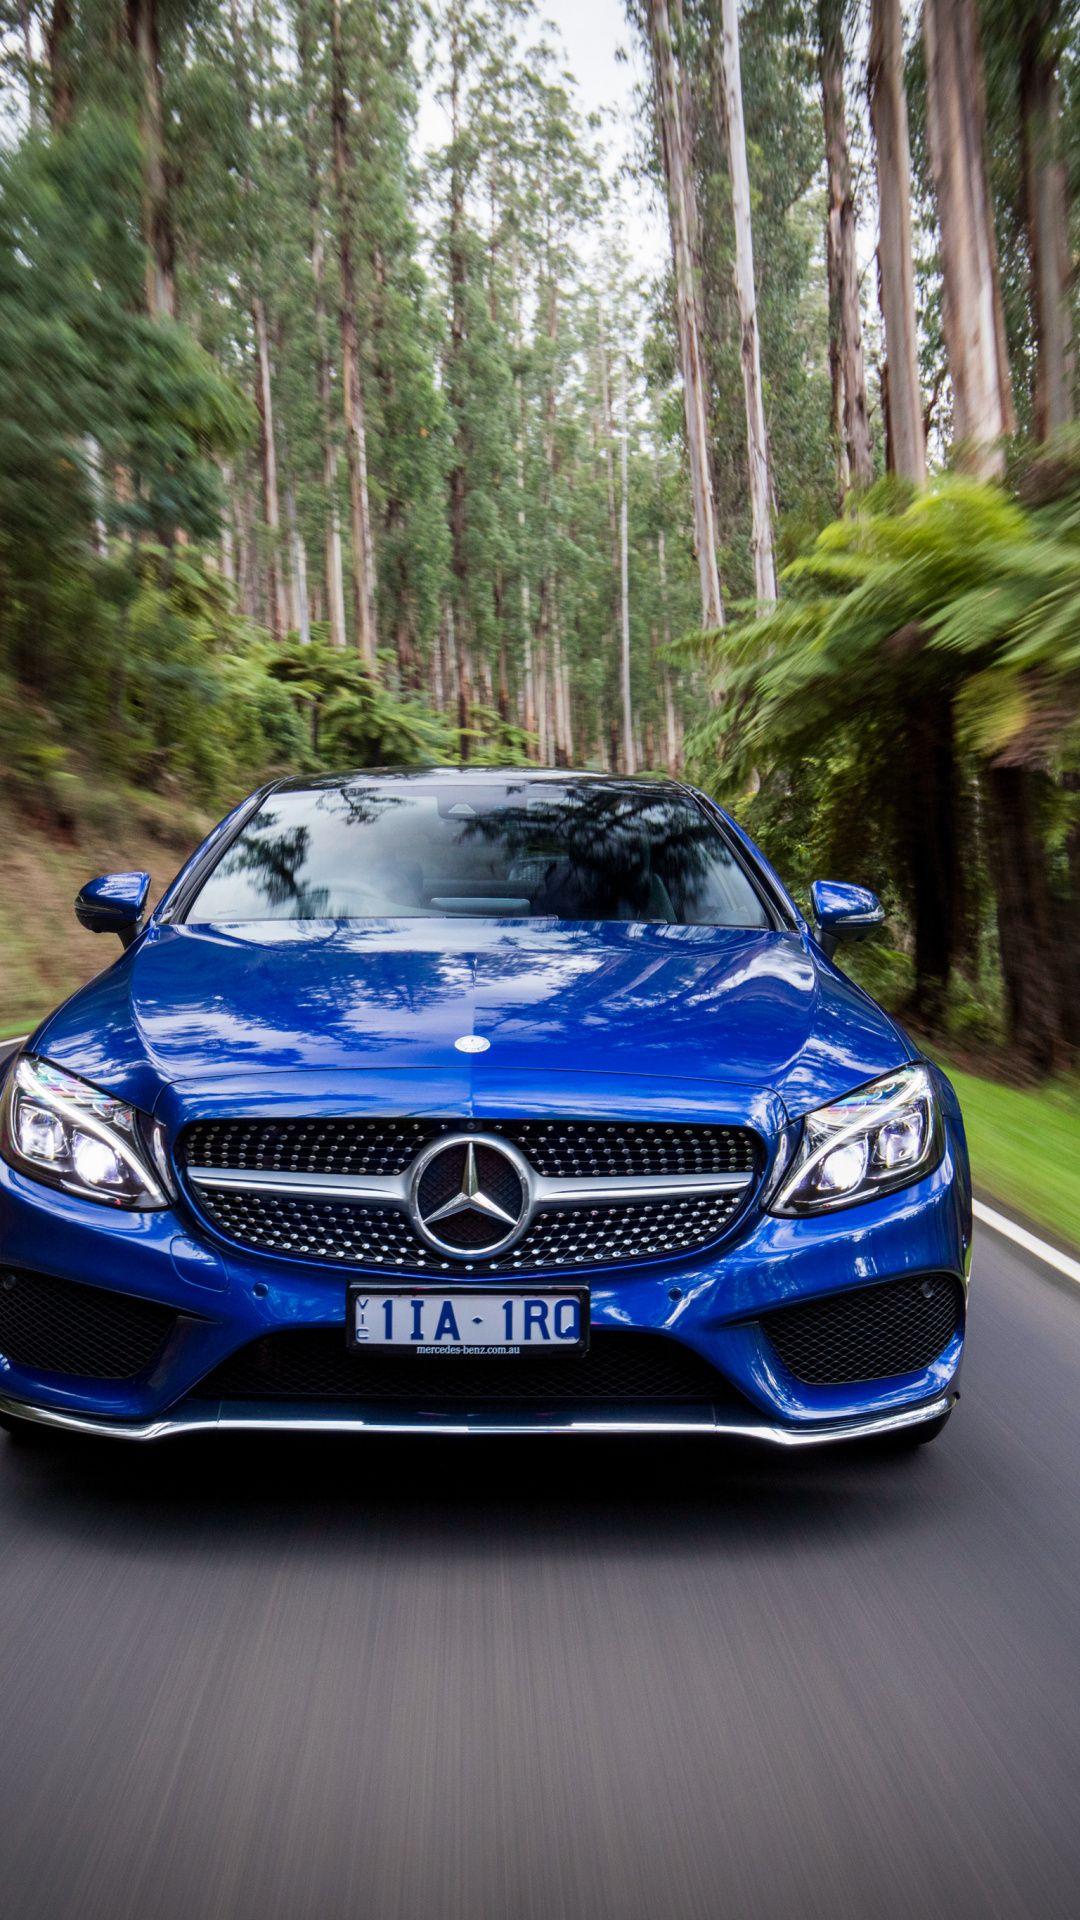 Motion blur Mercedes Benz C Class blue 1080x1920 wallpaper 1080x1920